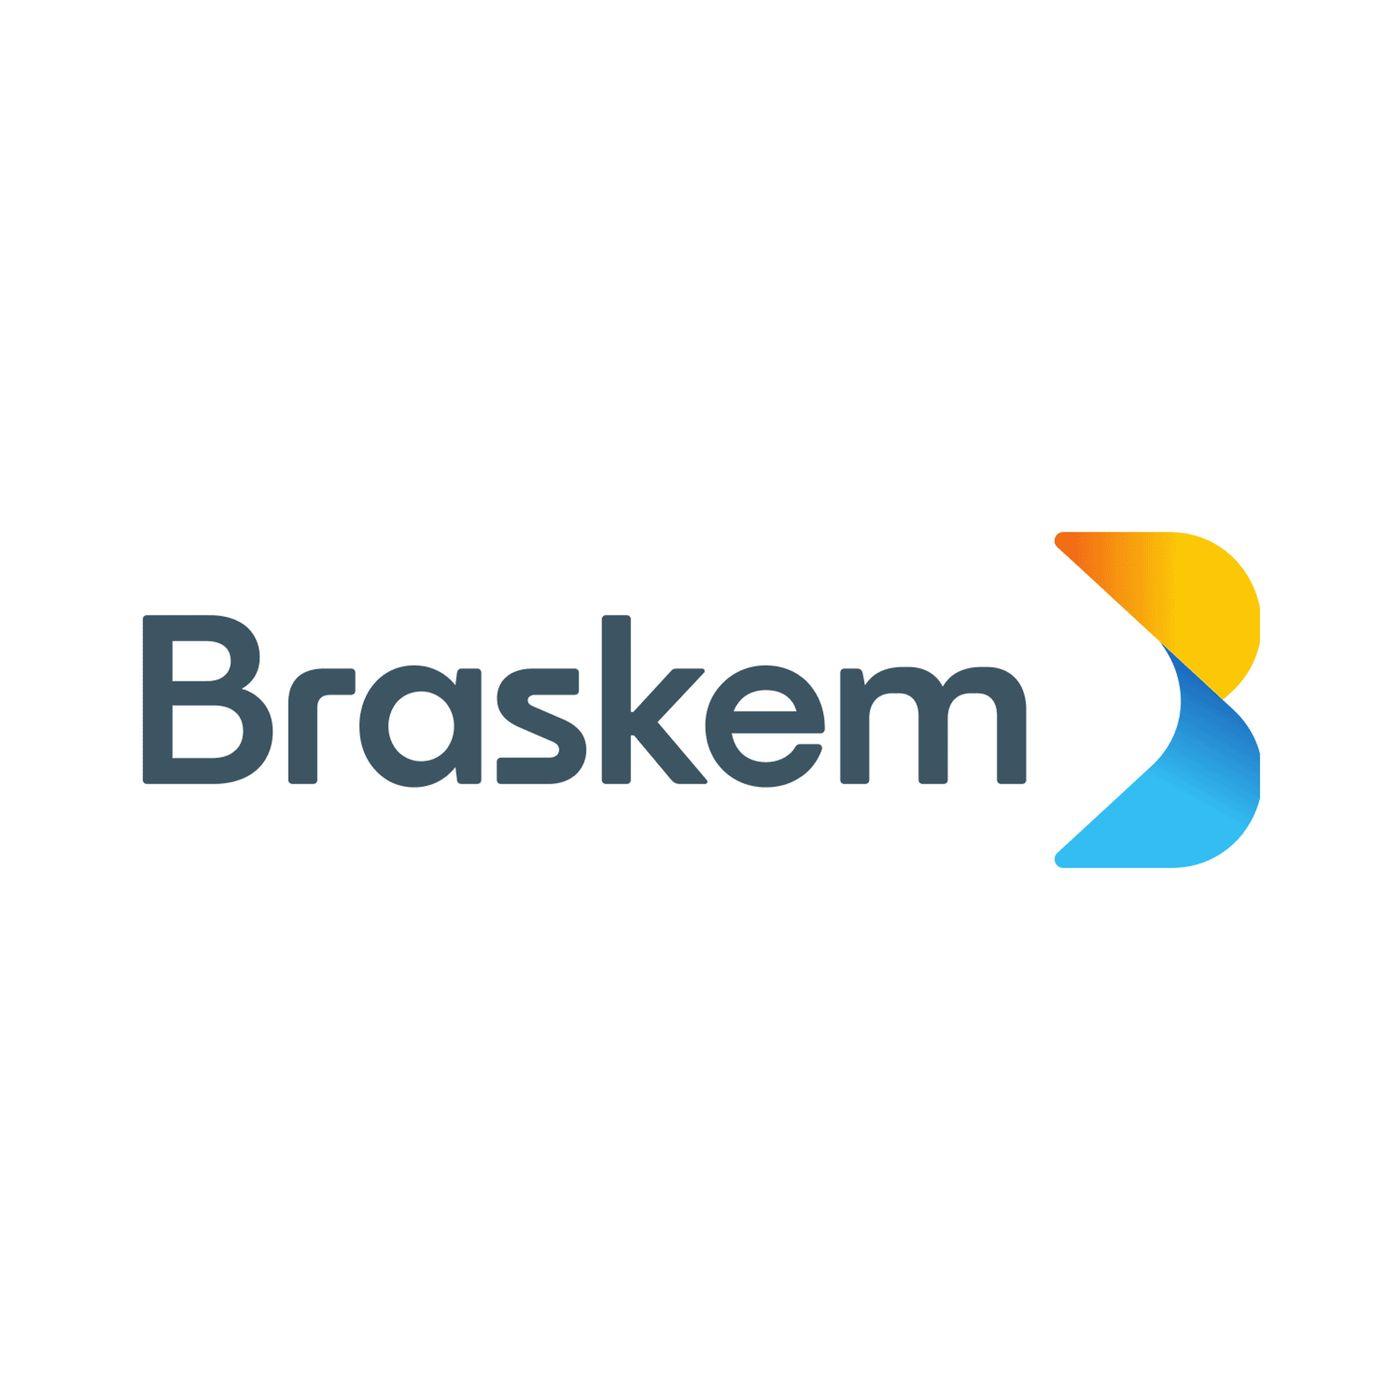 Teleconferência do Resultado da Braskem BRKM5 2t20